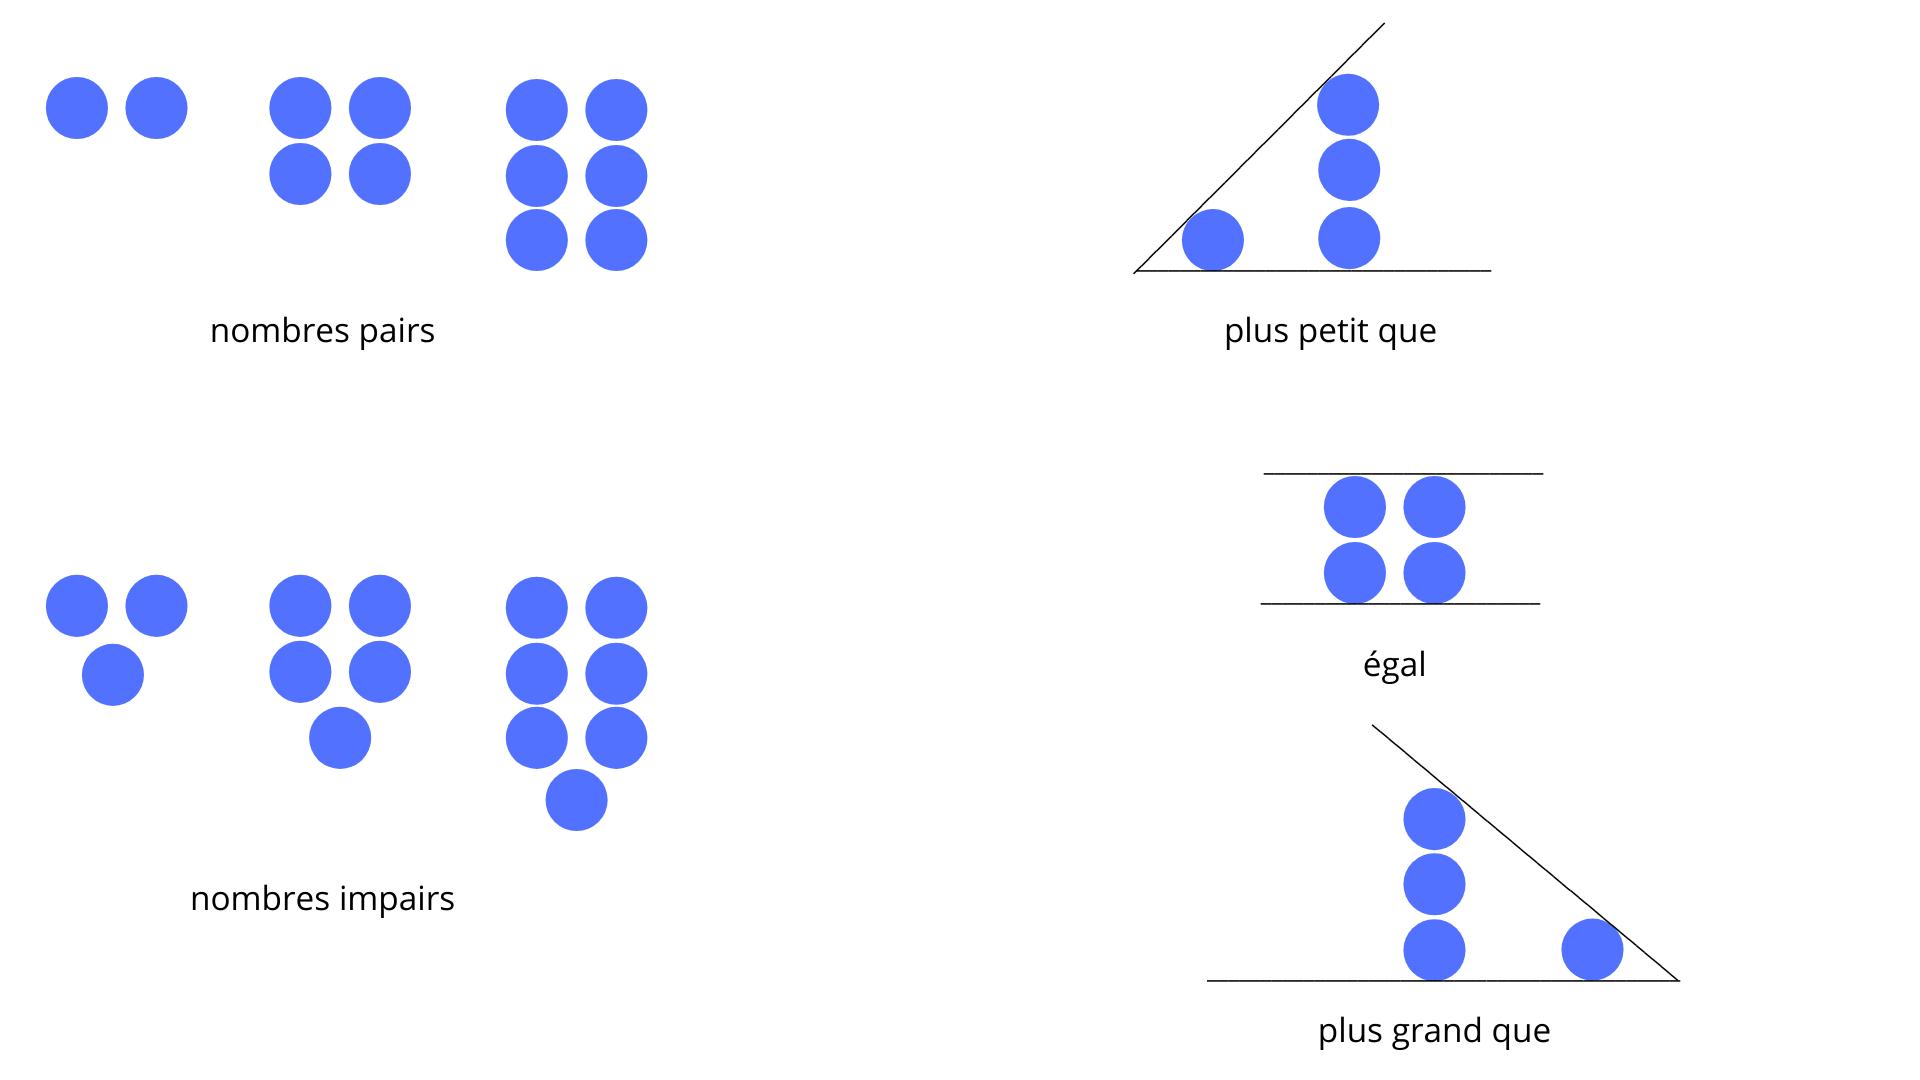 signes mathématiques